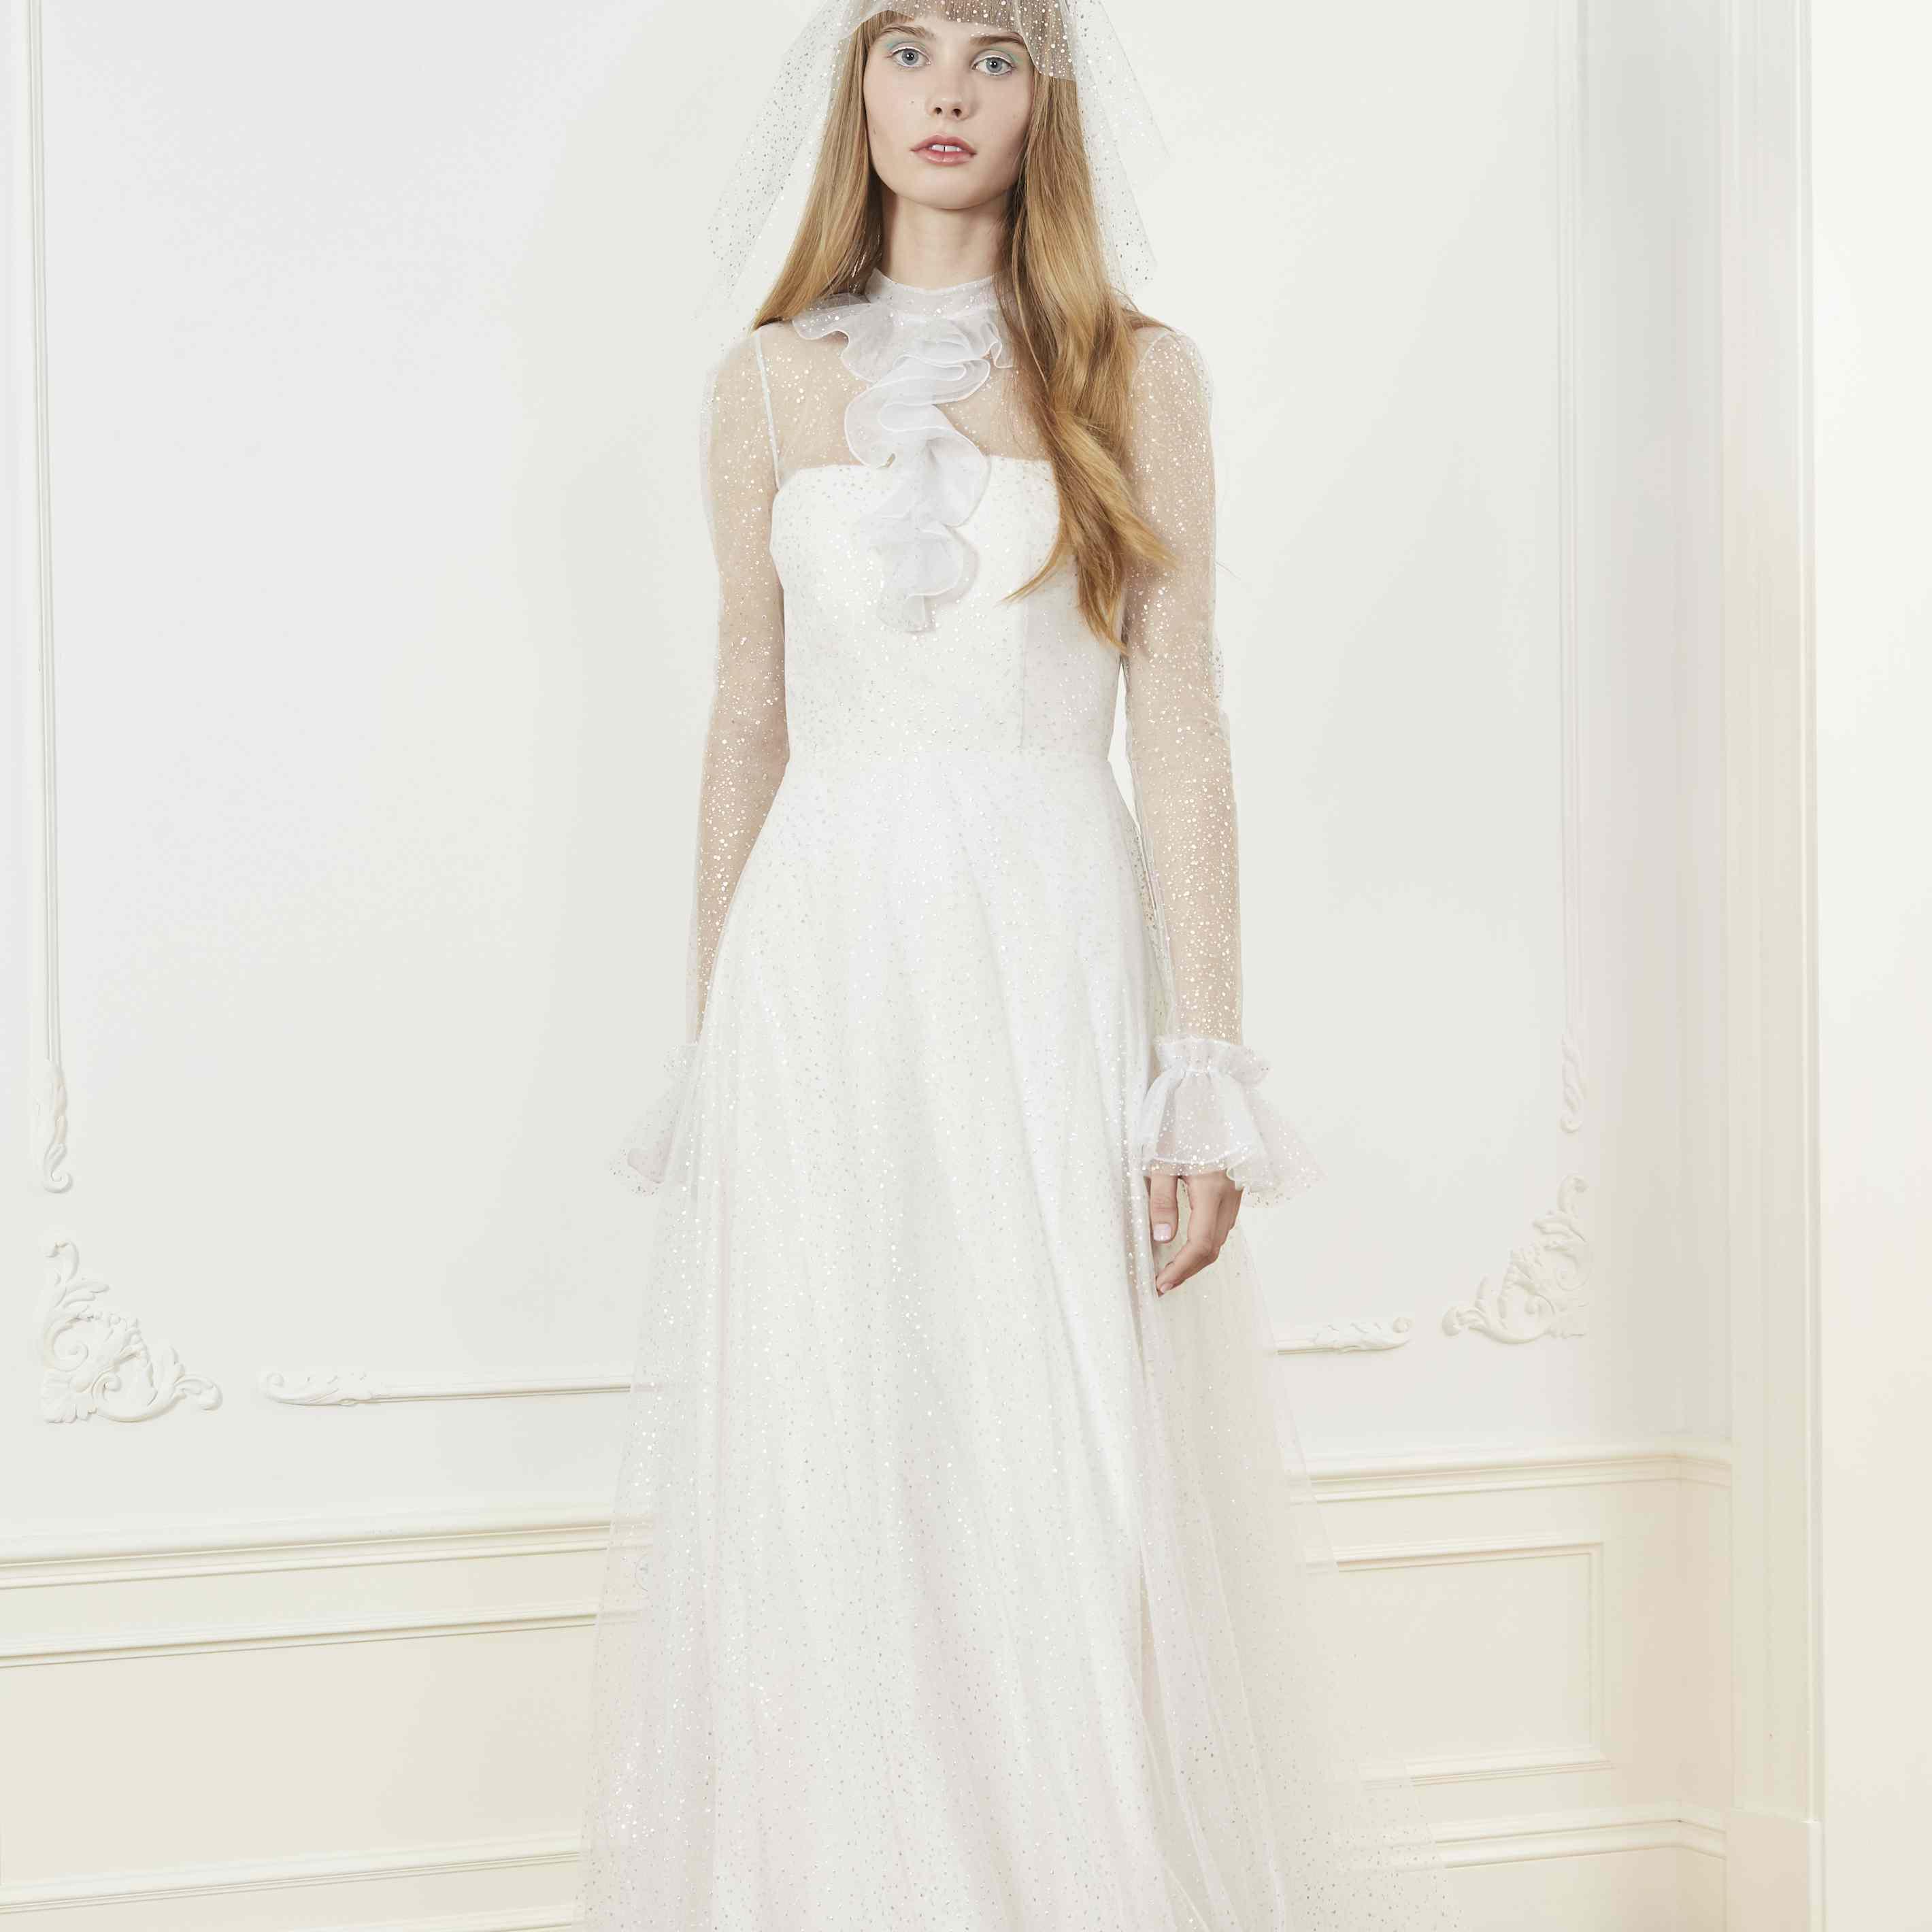 Model in long sleeve ruffle neckline wedding dress